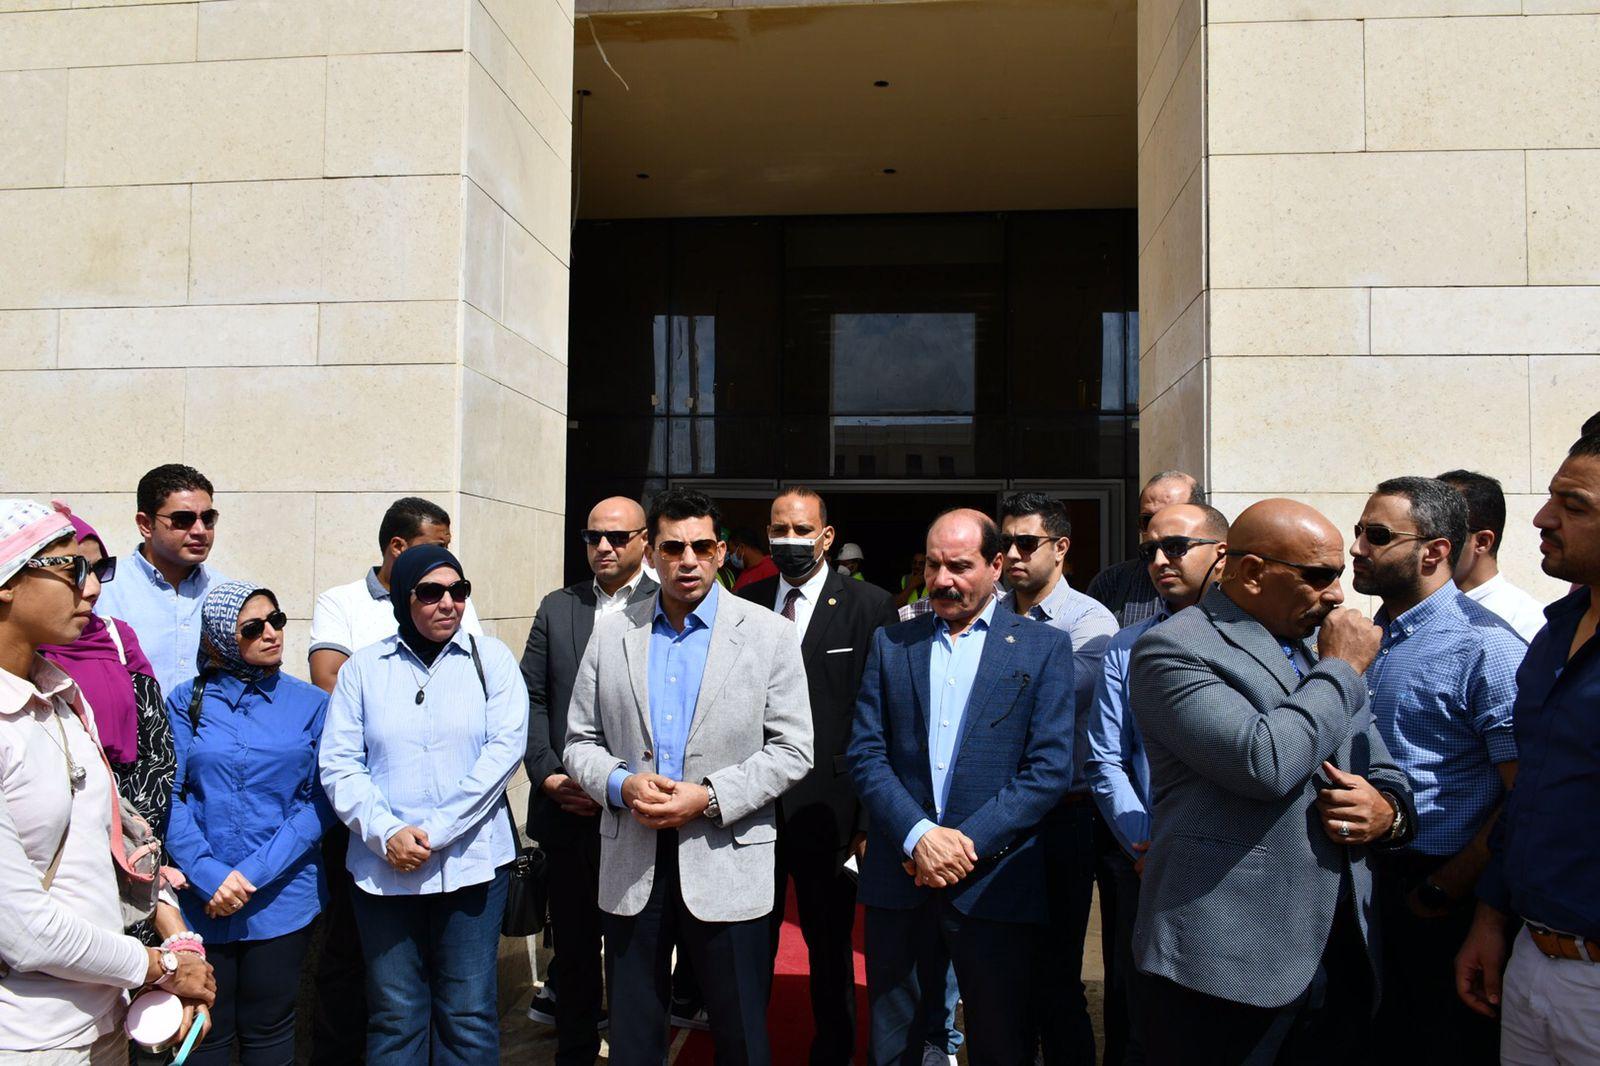 وزير الشباب والرياضة يتفقد مقر الوزارة بالعاصمة الإدارية الجديدة